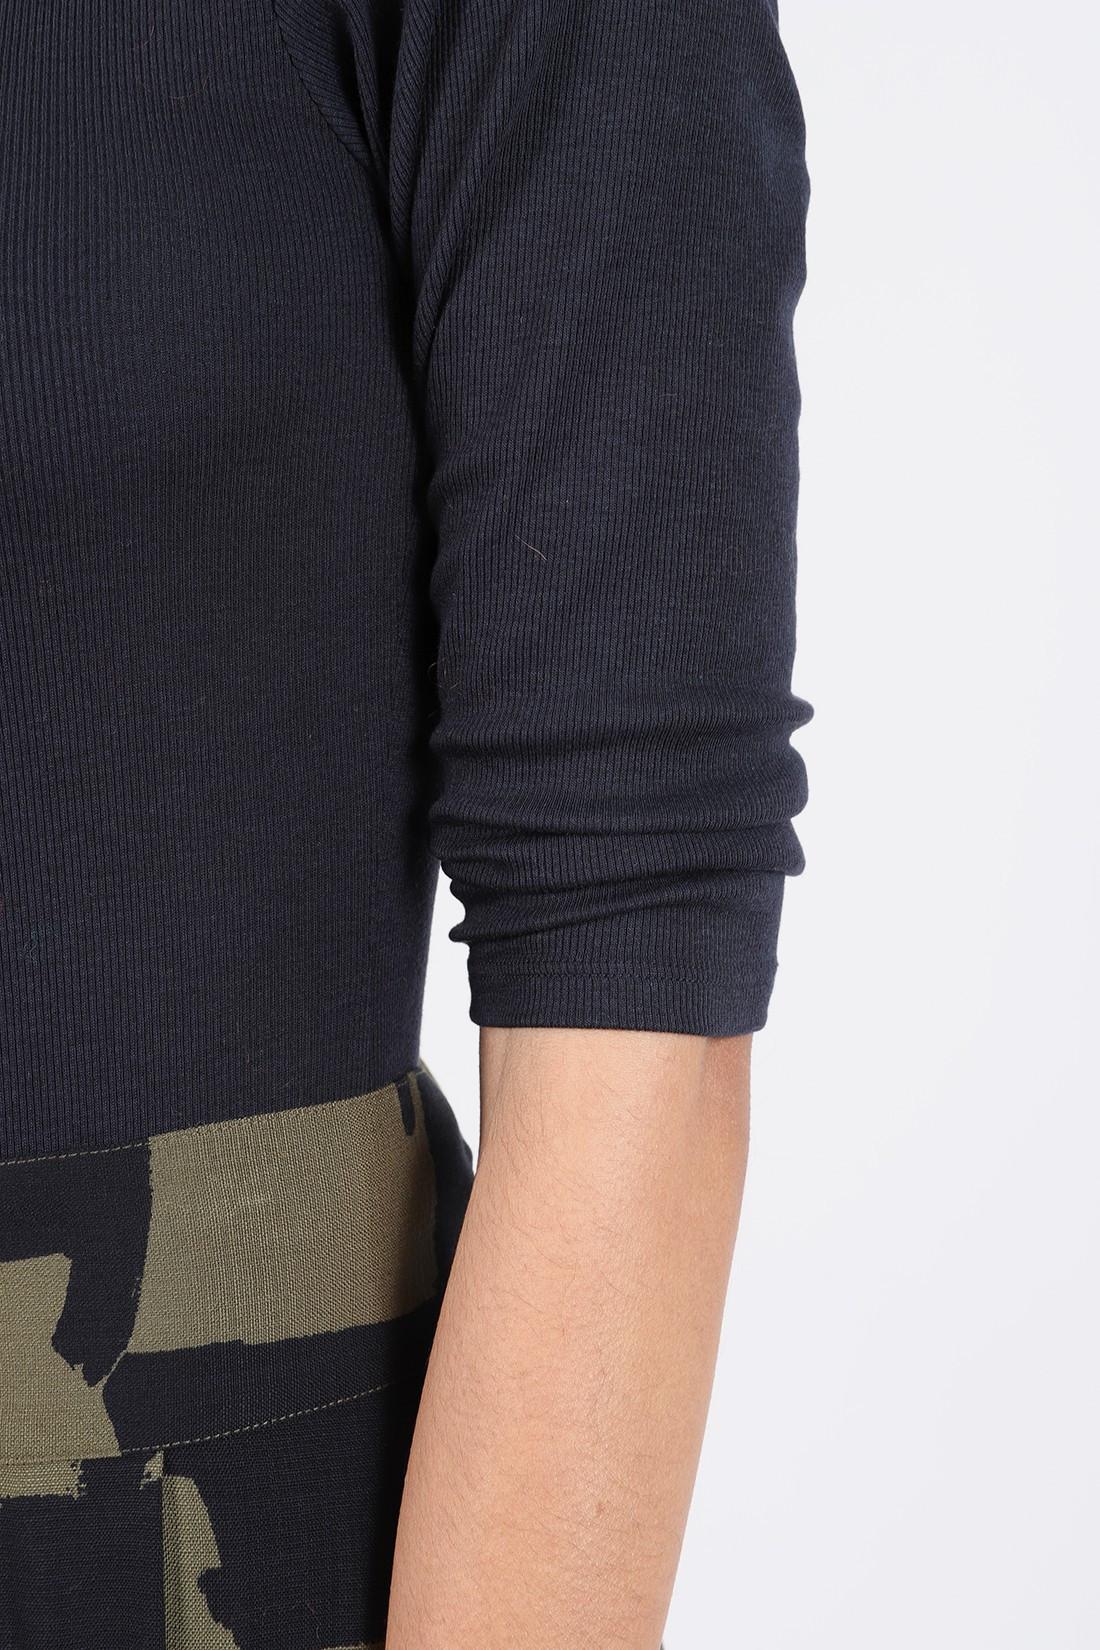 BELLEROSE FOR WOMAN / Vinia body Navy